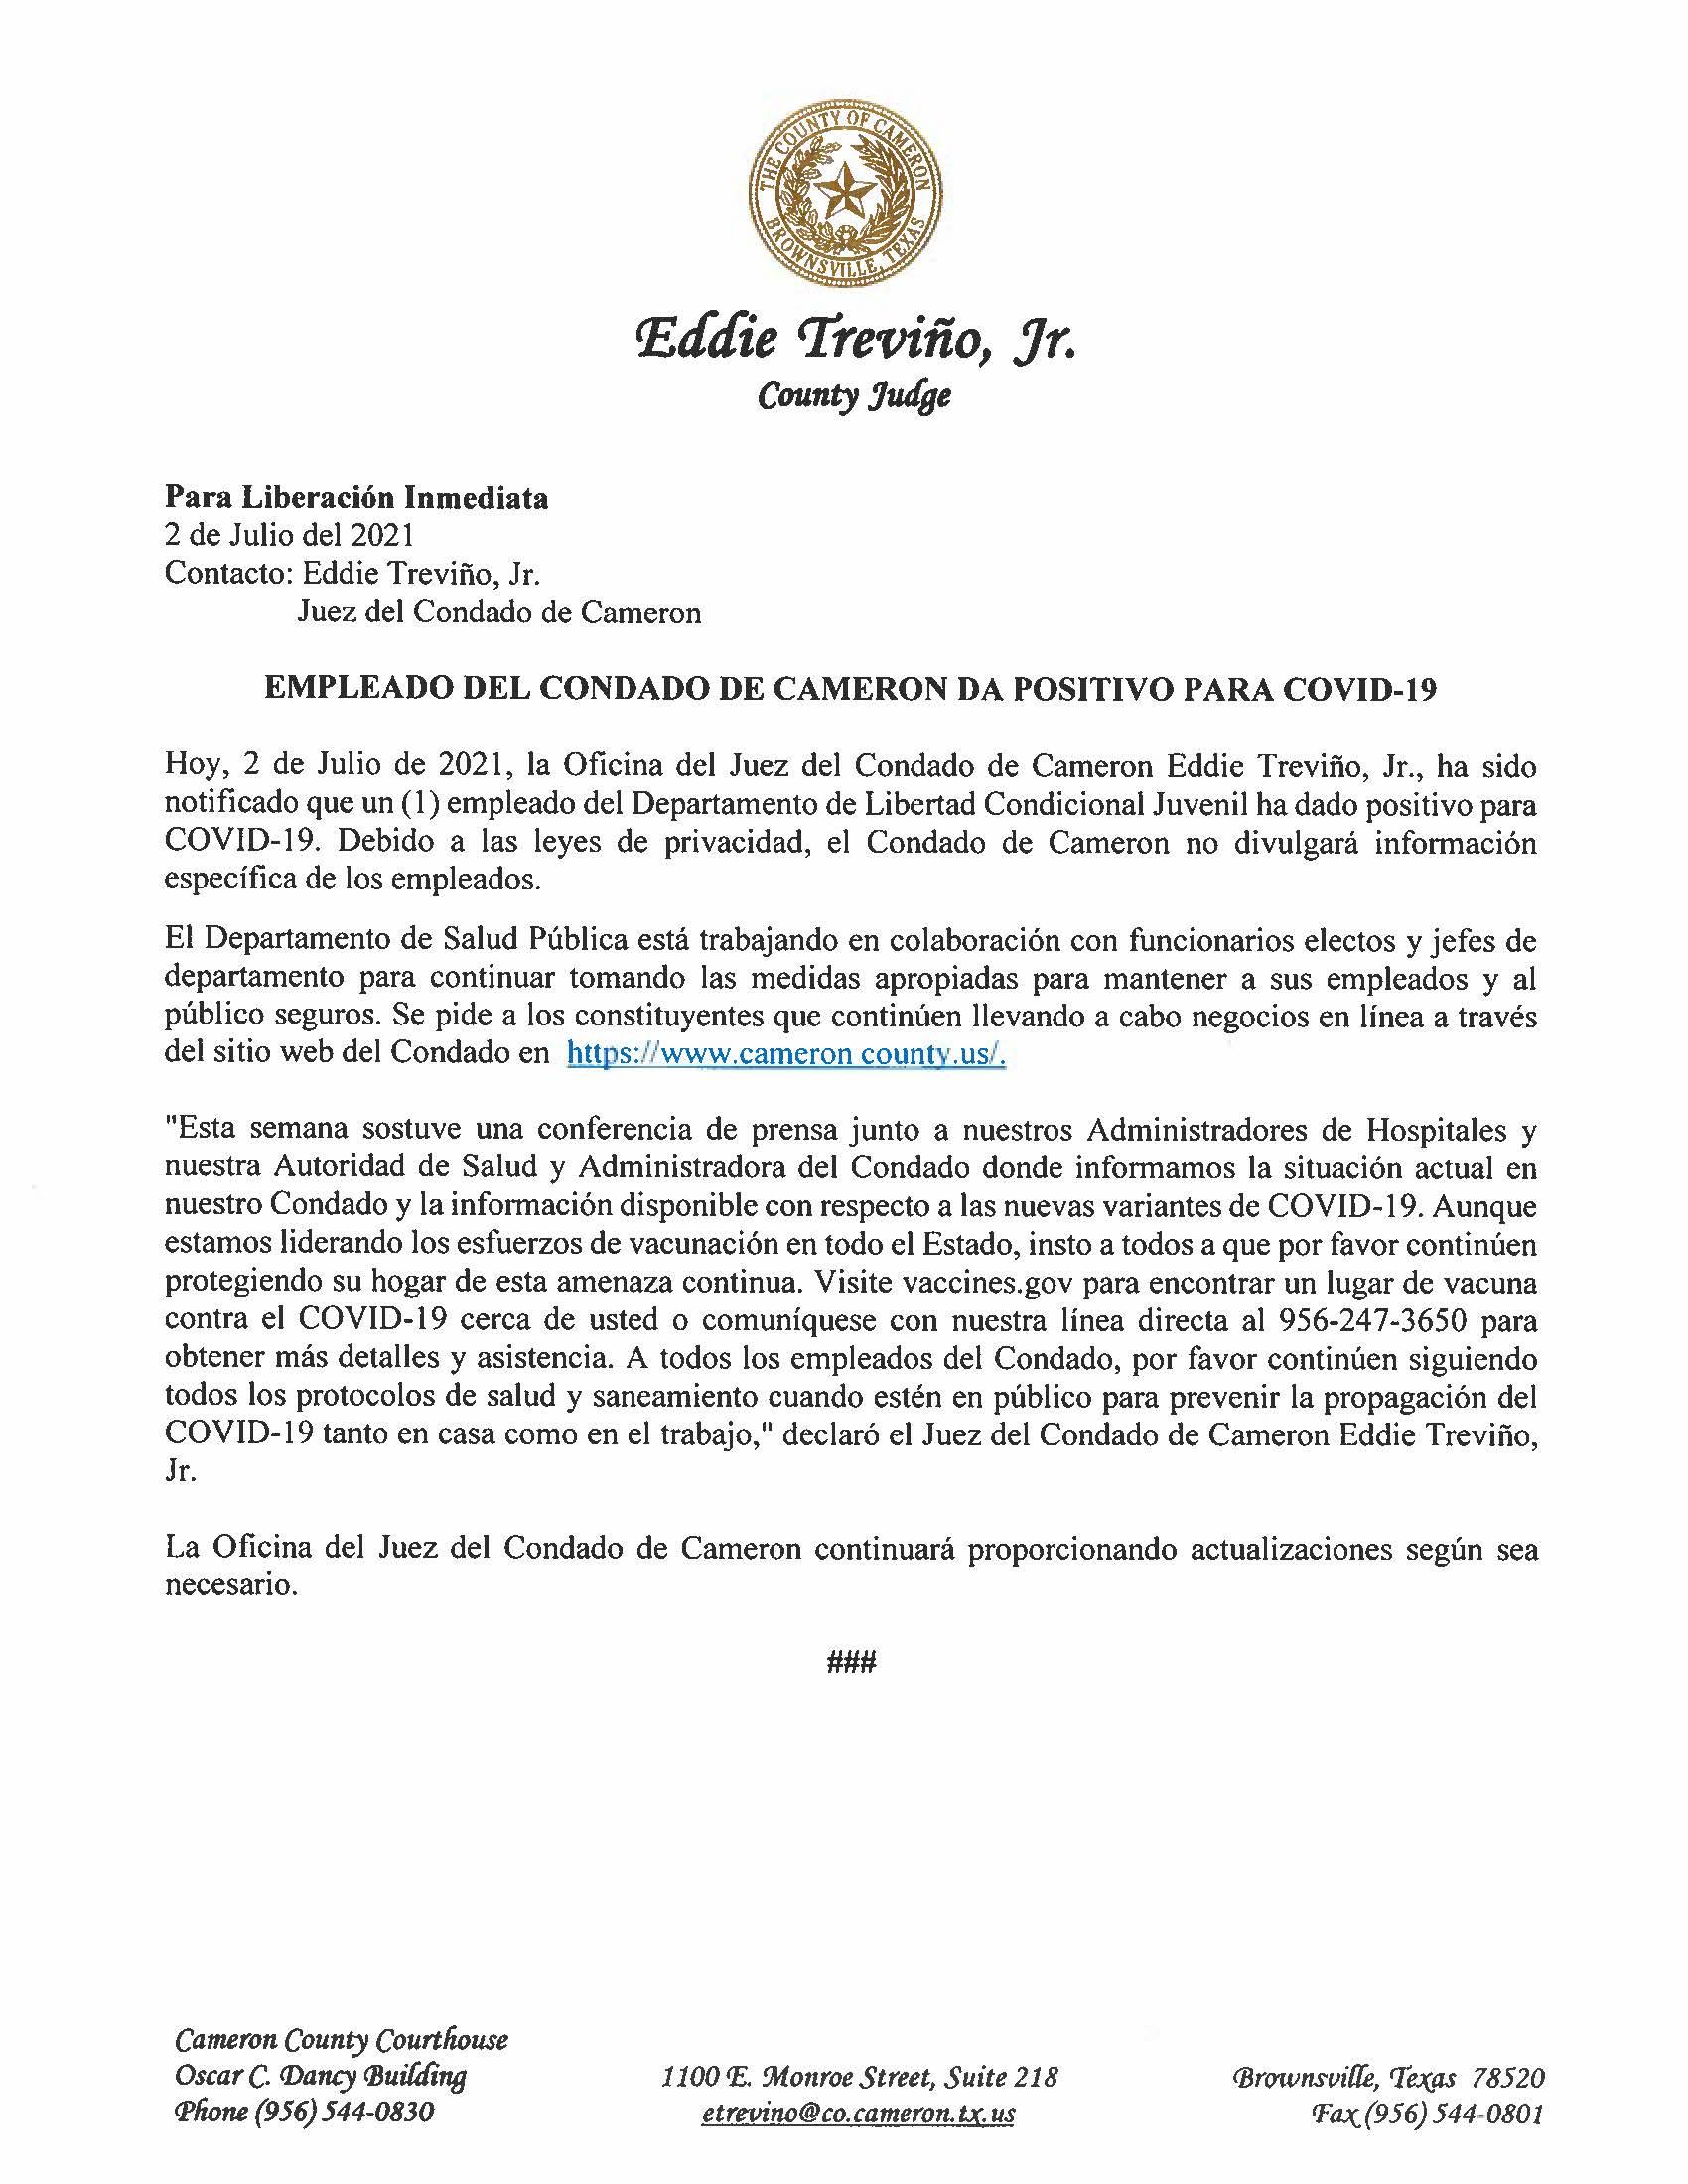 7.2.21 Empleado Del Condado De Cameron Da Positivo Para COVID 19